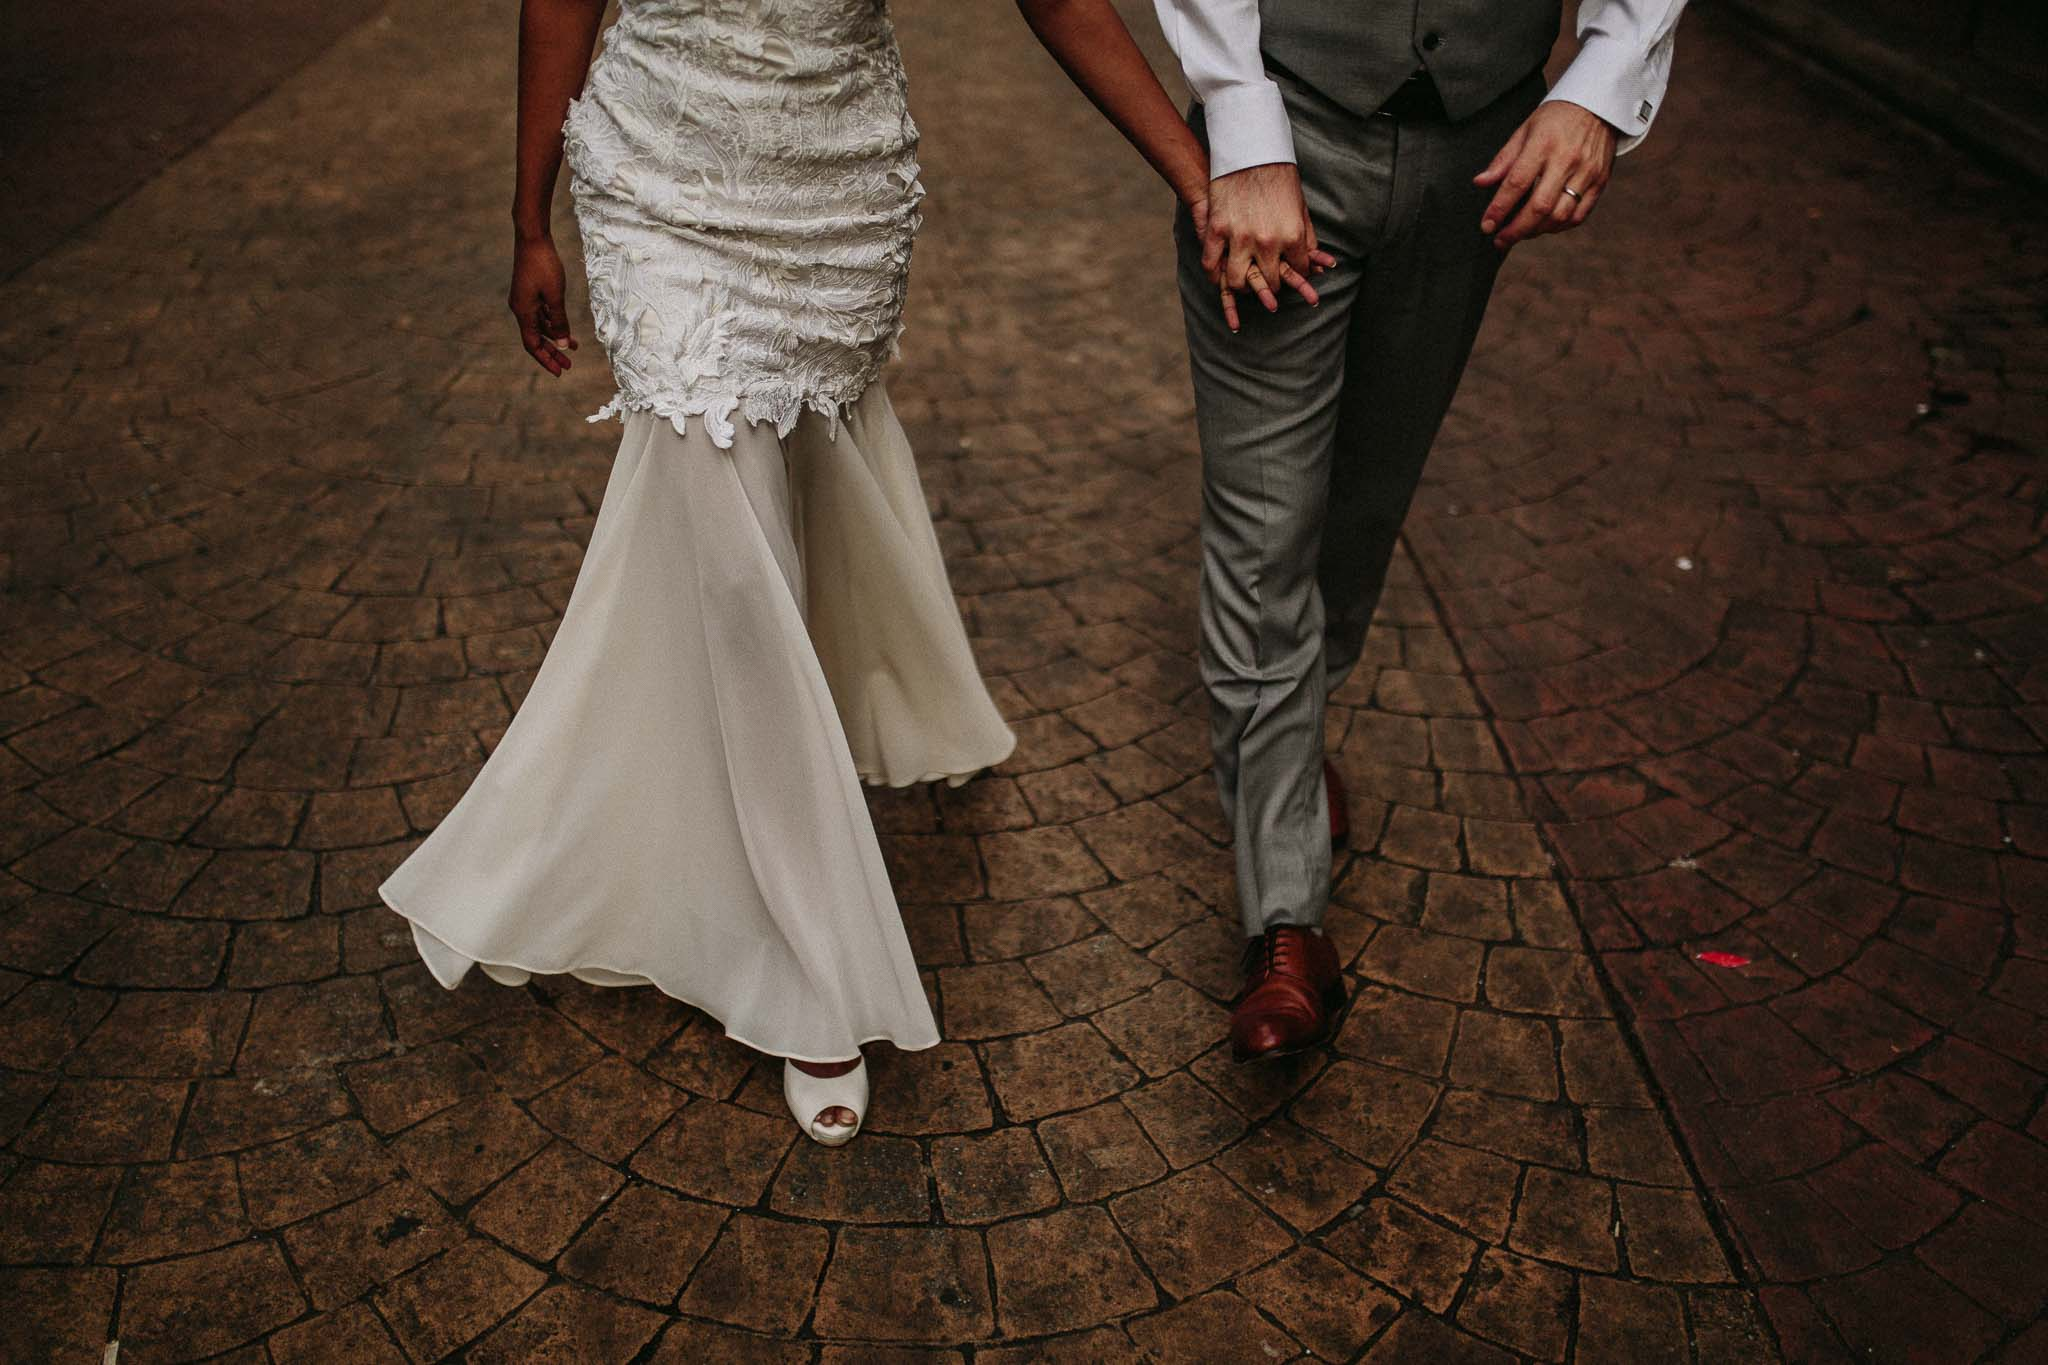 u&m-weddingsbyqay-lovesession-destinationweddingphotographer (31 of 160).jpg